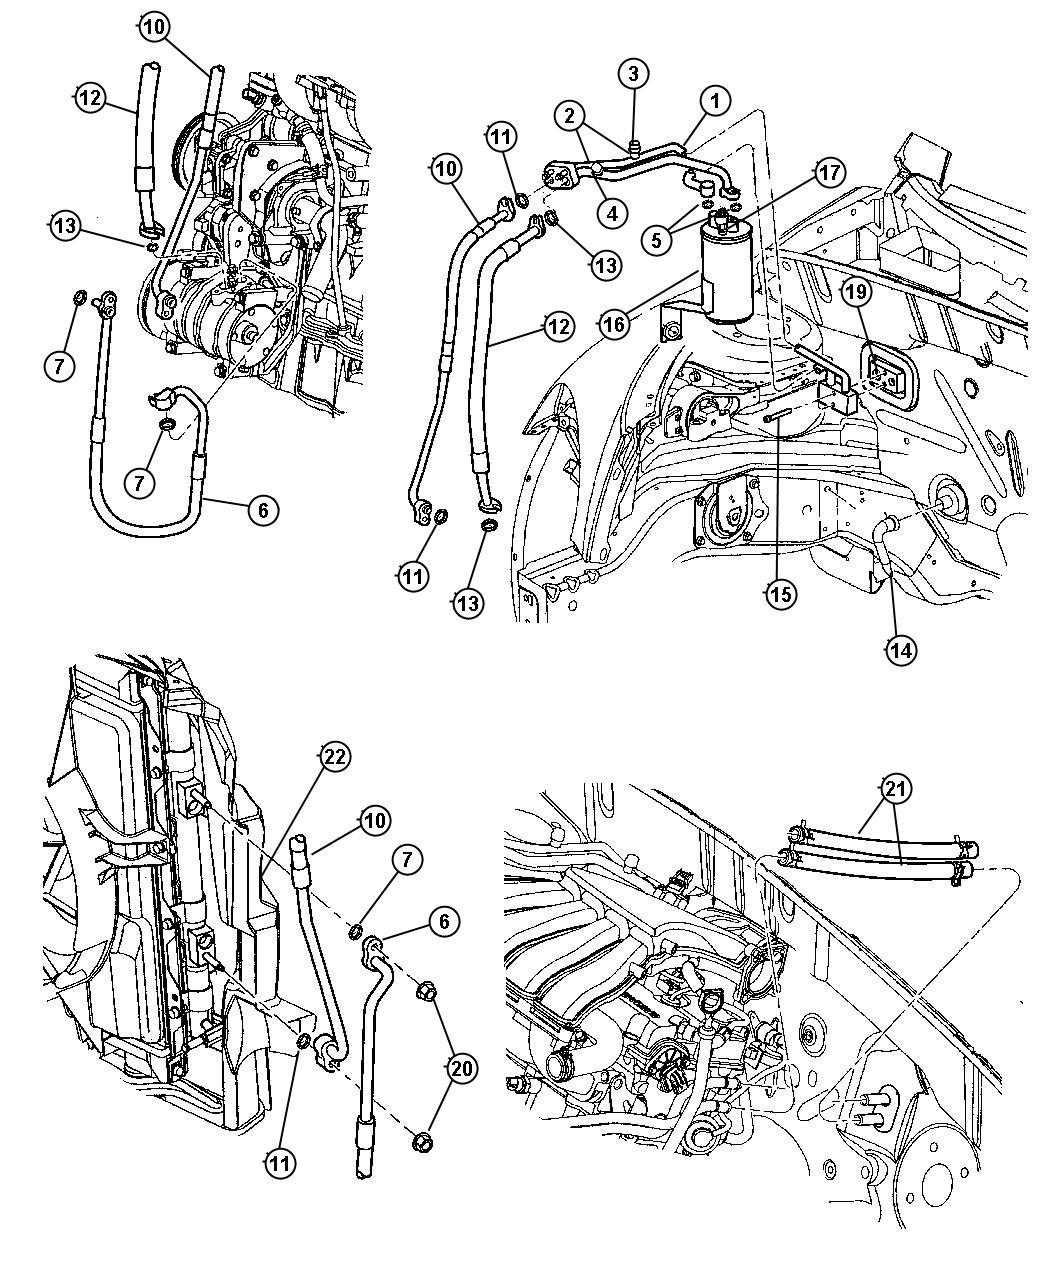 Chrysler Pt Cruiser Tube Drain Evaporator Tube A C Unit Drain Tube A C Drain Tube